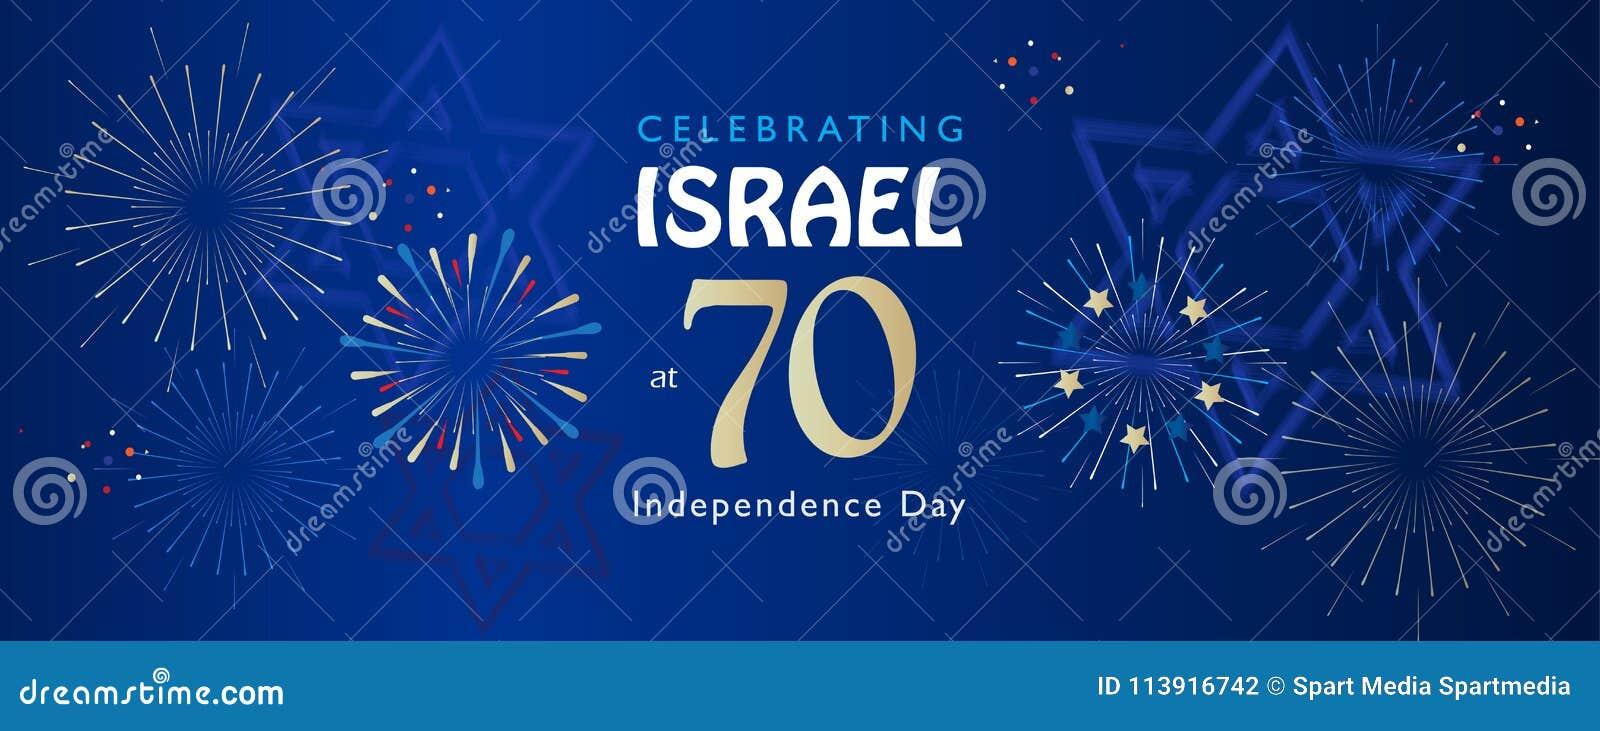 Israël 70 verjaardag, Onafhankelijkheidsdag